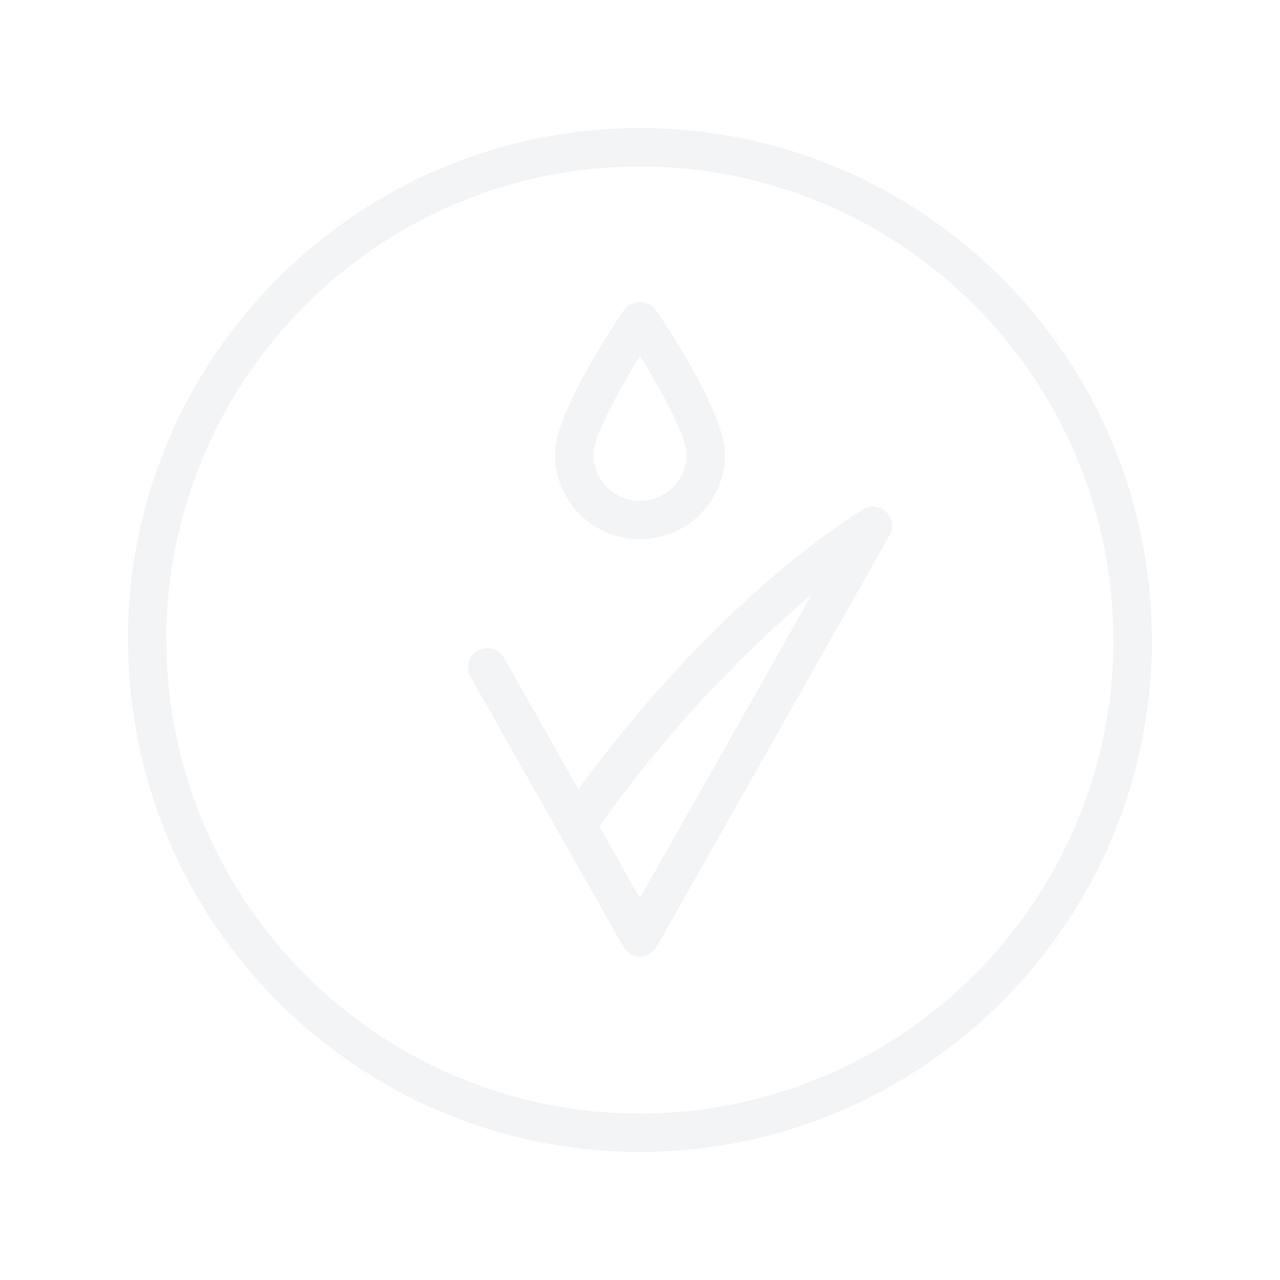 SAMPURE MINERALS 5-Piece Medium On The Go Gift Set